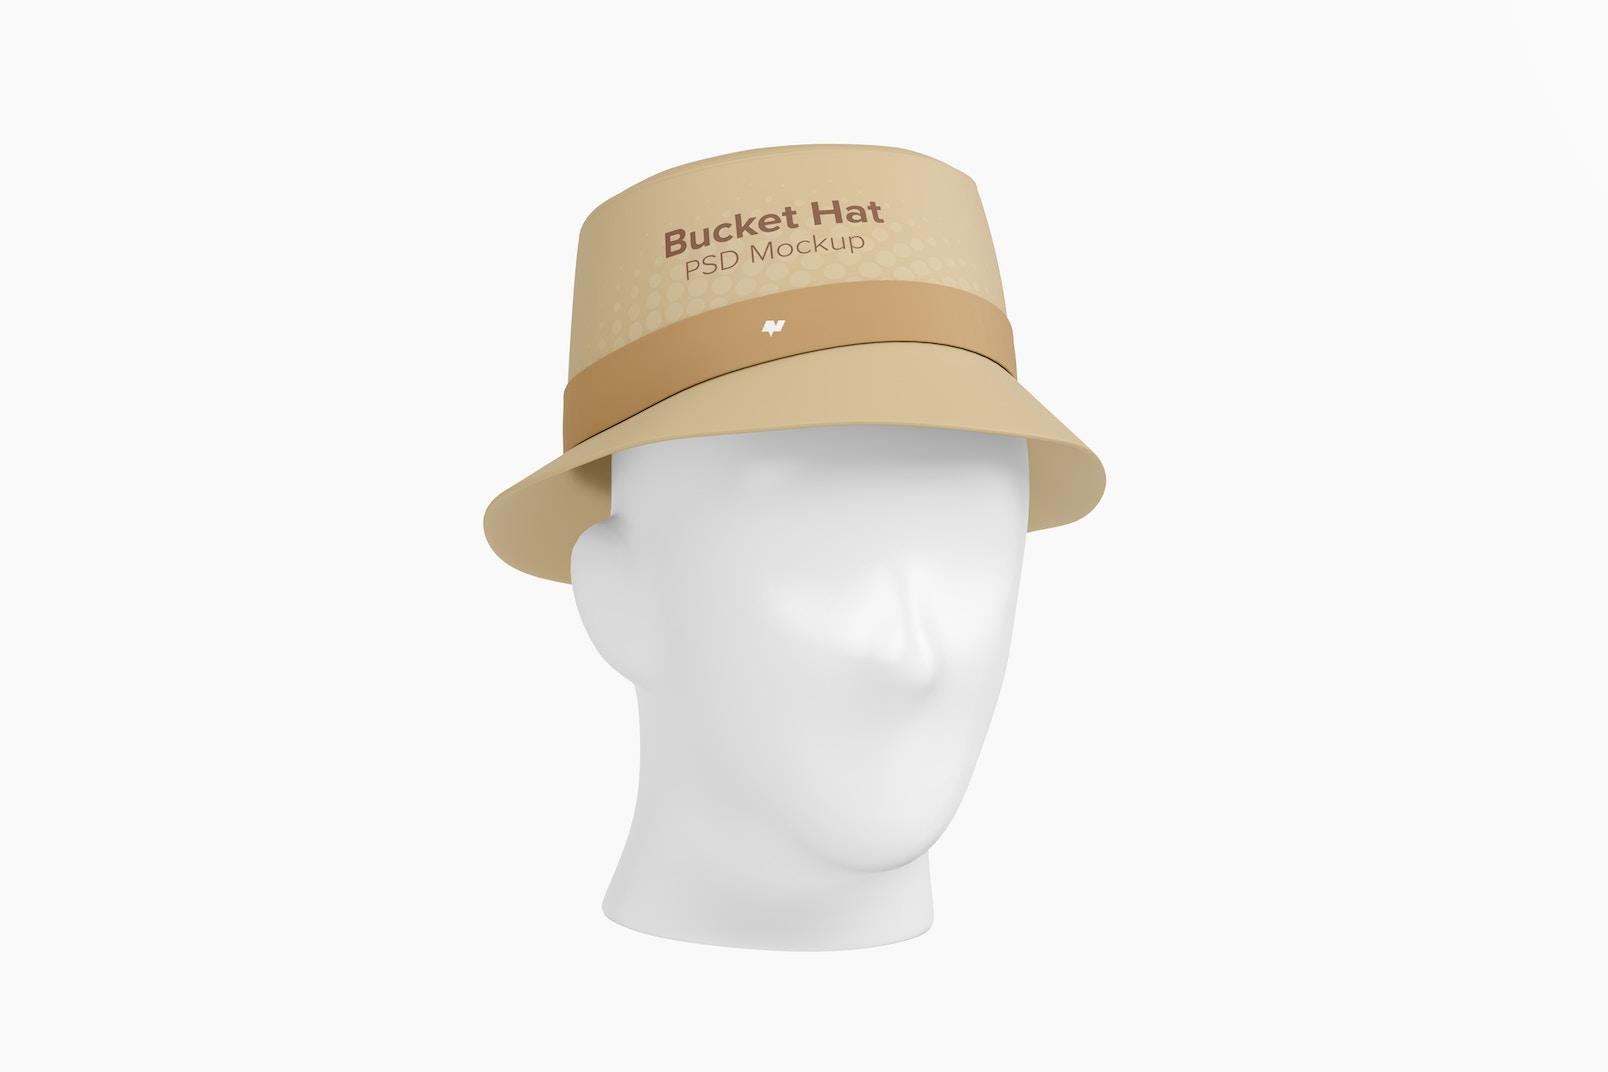 Bucket Hat Mockup, 3/4 Front Left View